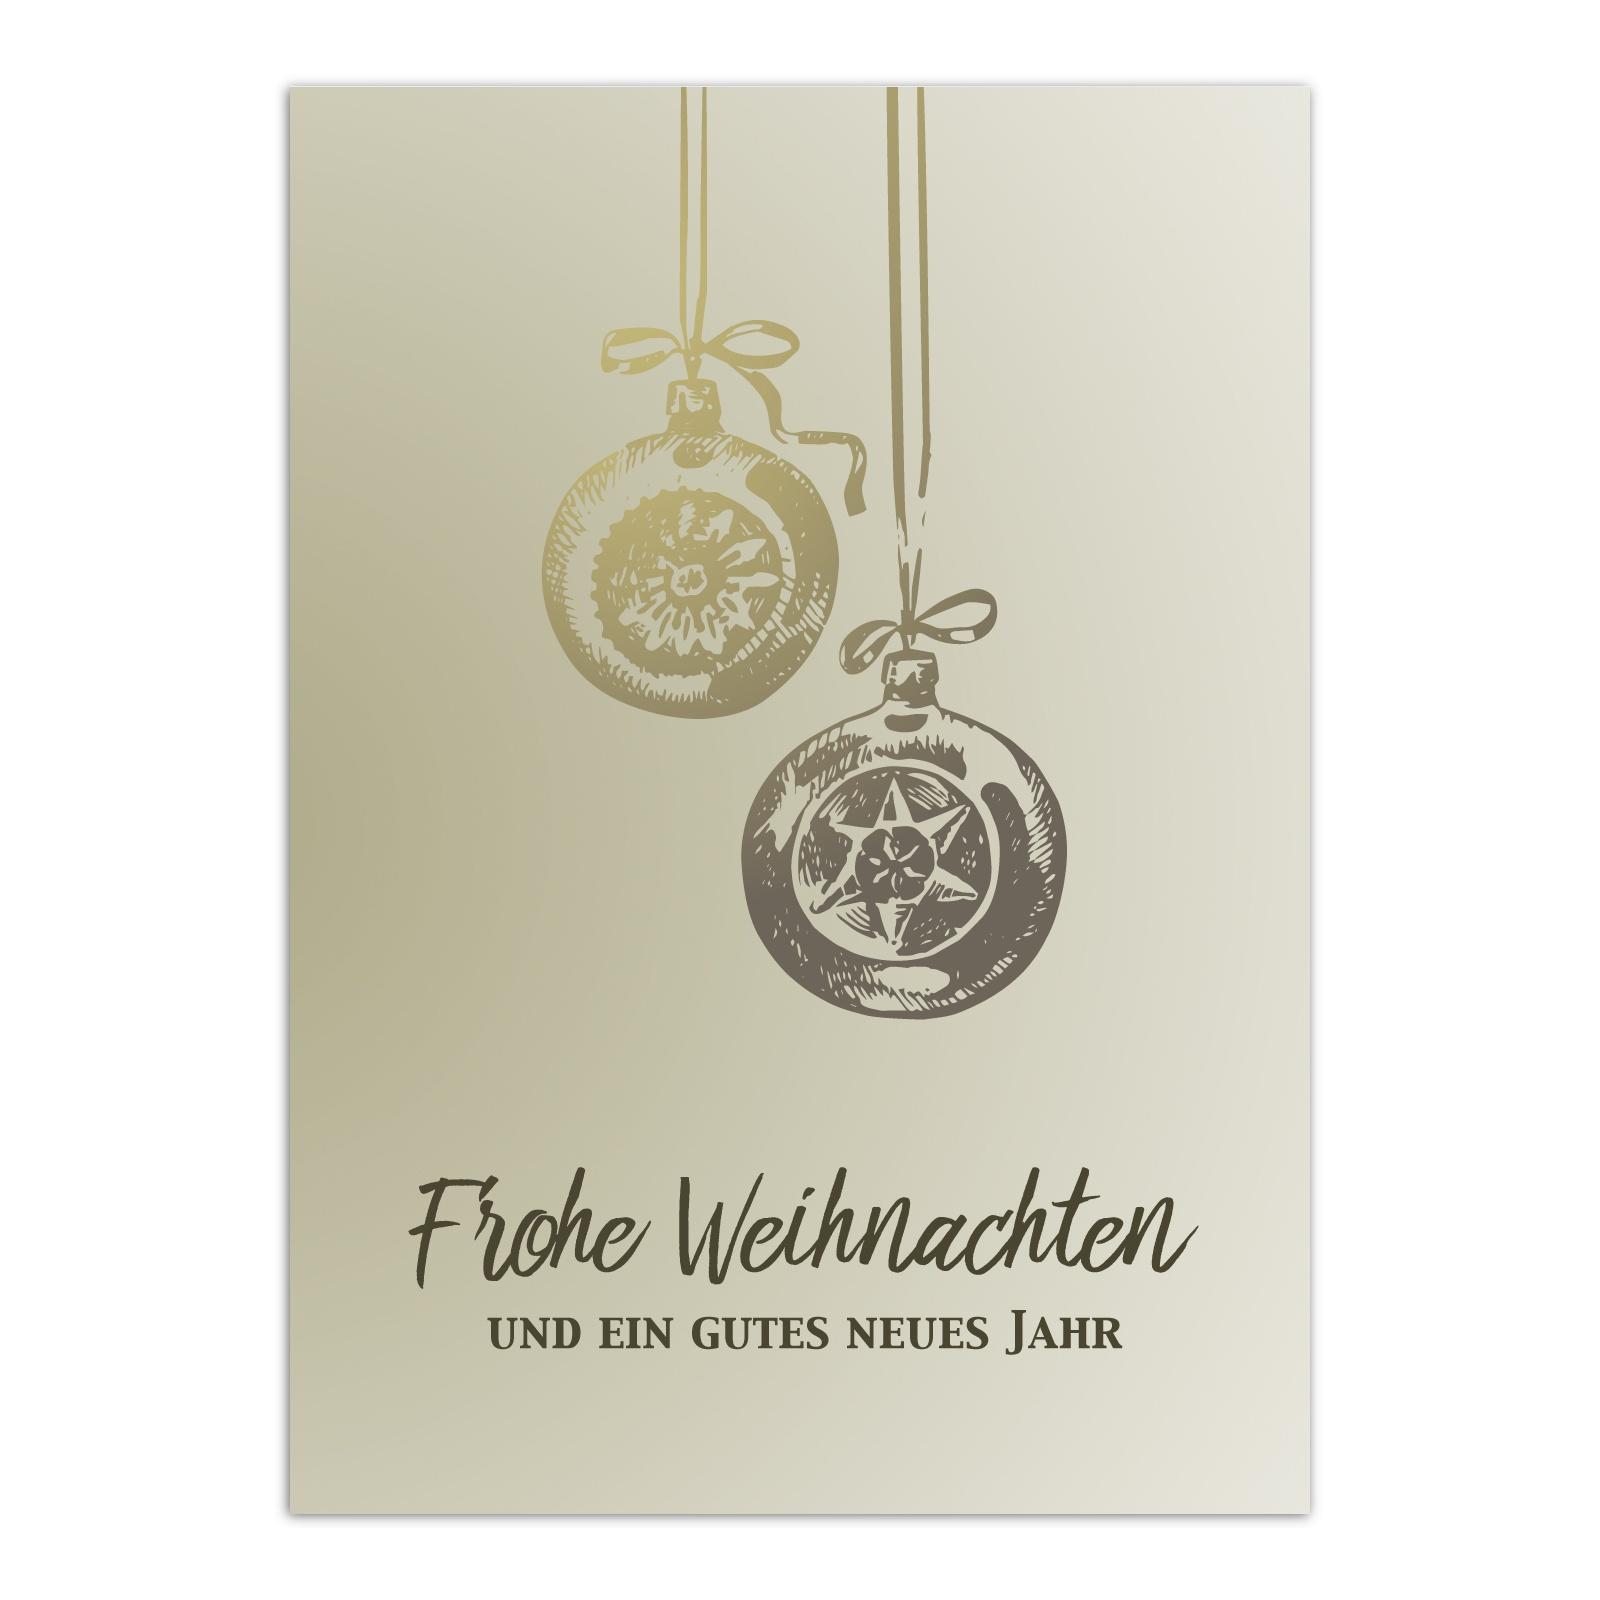 15 x weihnachtskarten weihnachten vintage im postkarten. Black Bedroom Furniture Sets. Home Design Ideas